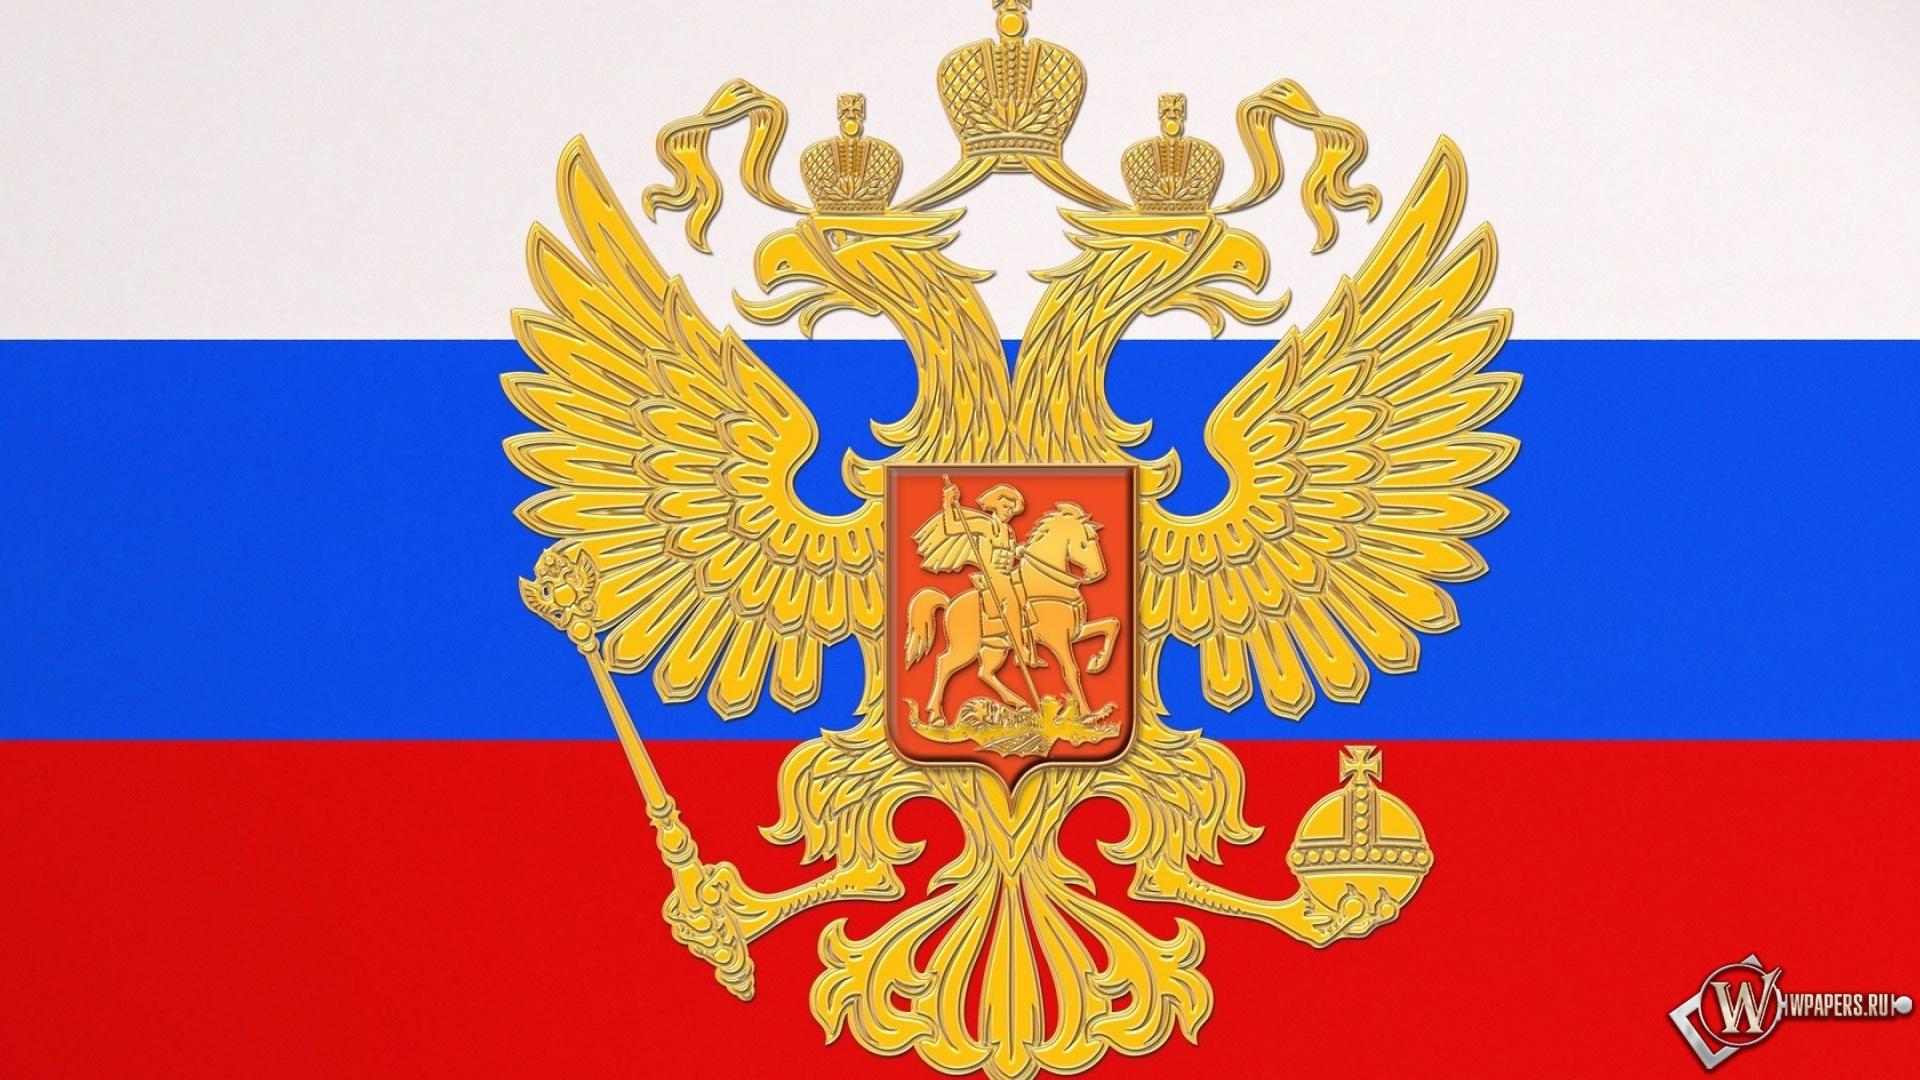 Флаг России 1920x1080